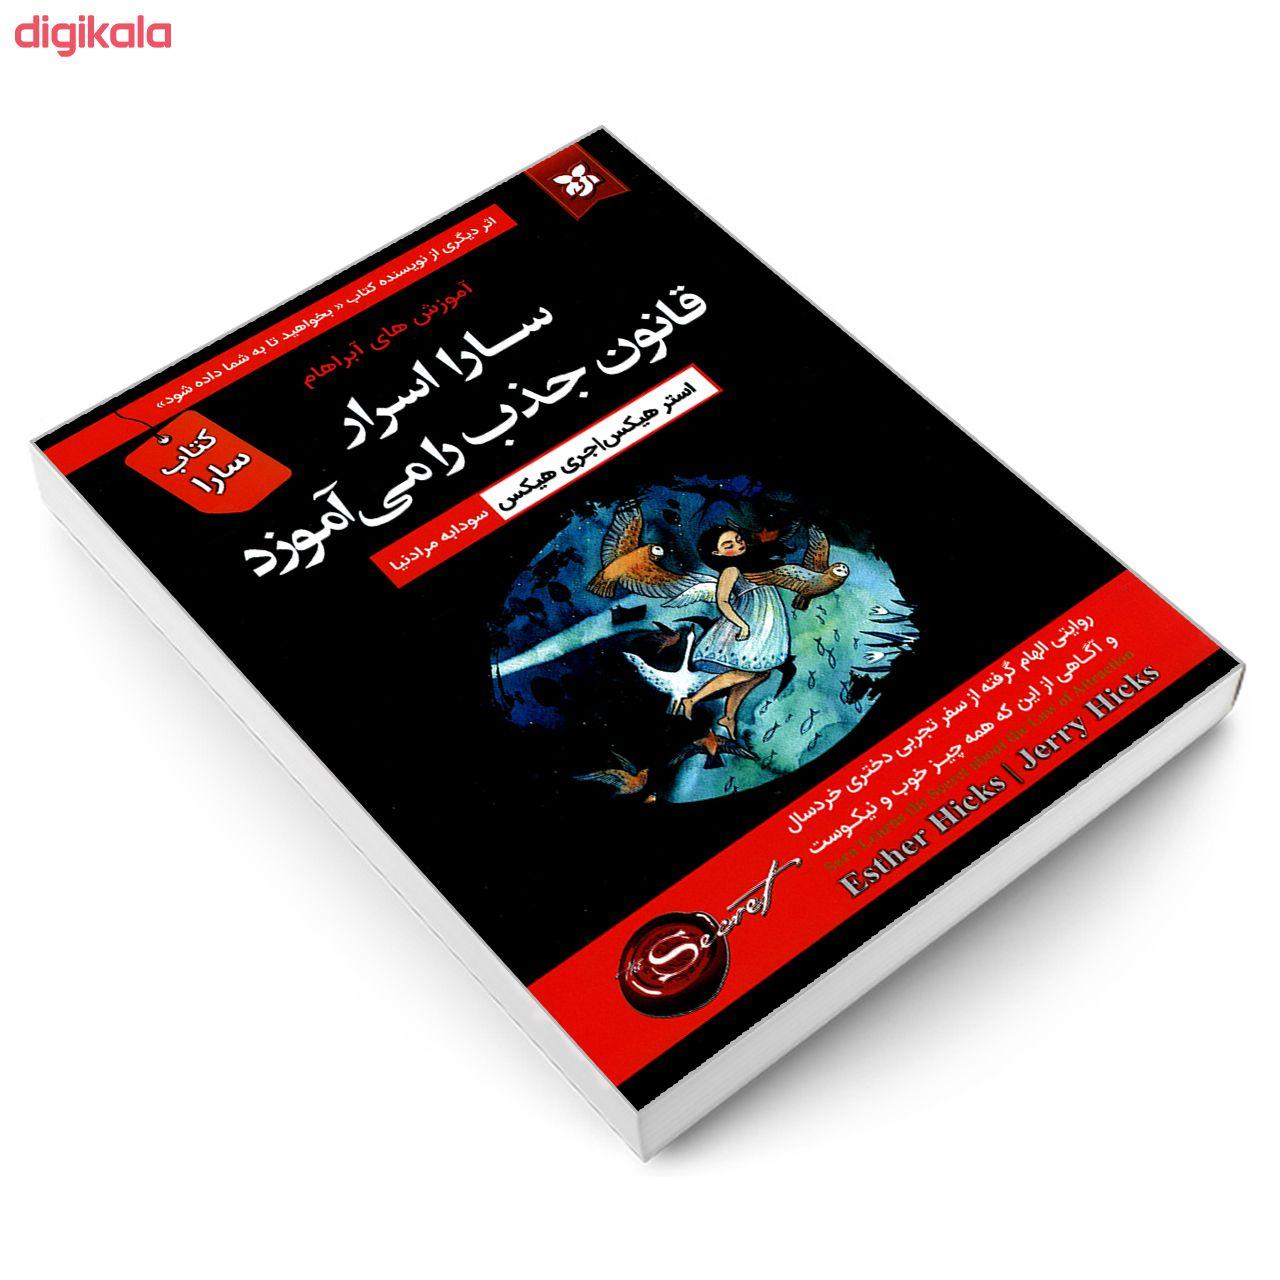 کتاب سارا اسرار قانون جذب را می آموزد اثر استر هیکس و جری هیکس نشر نیک فرجام main 1 2